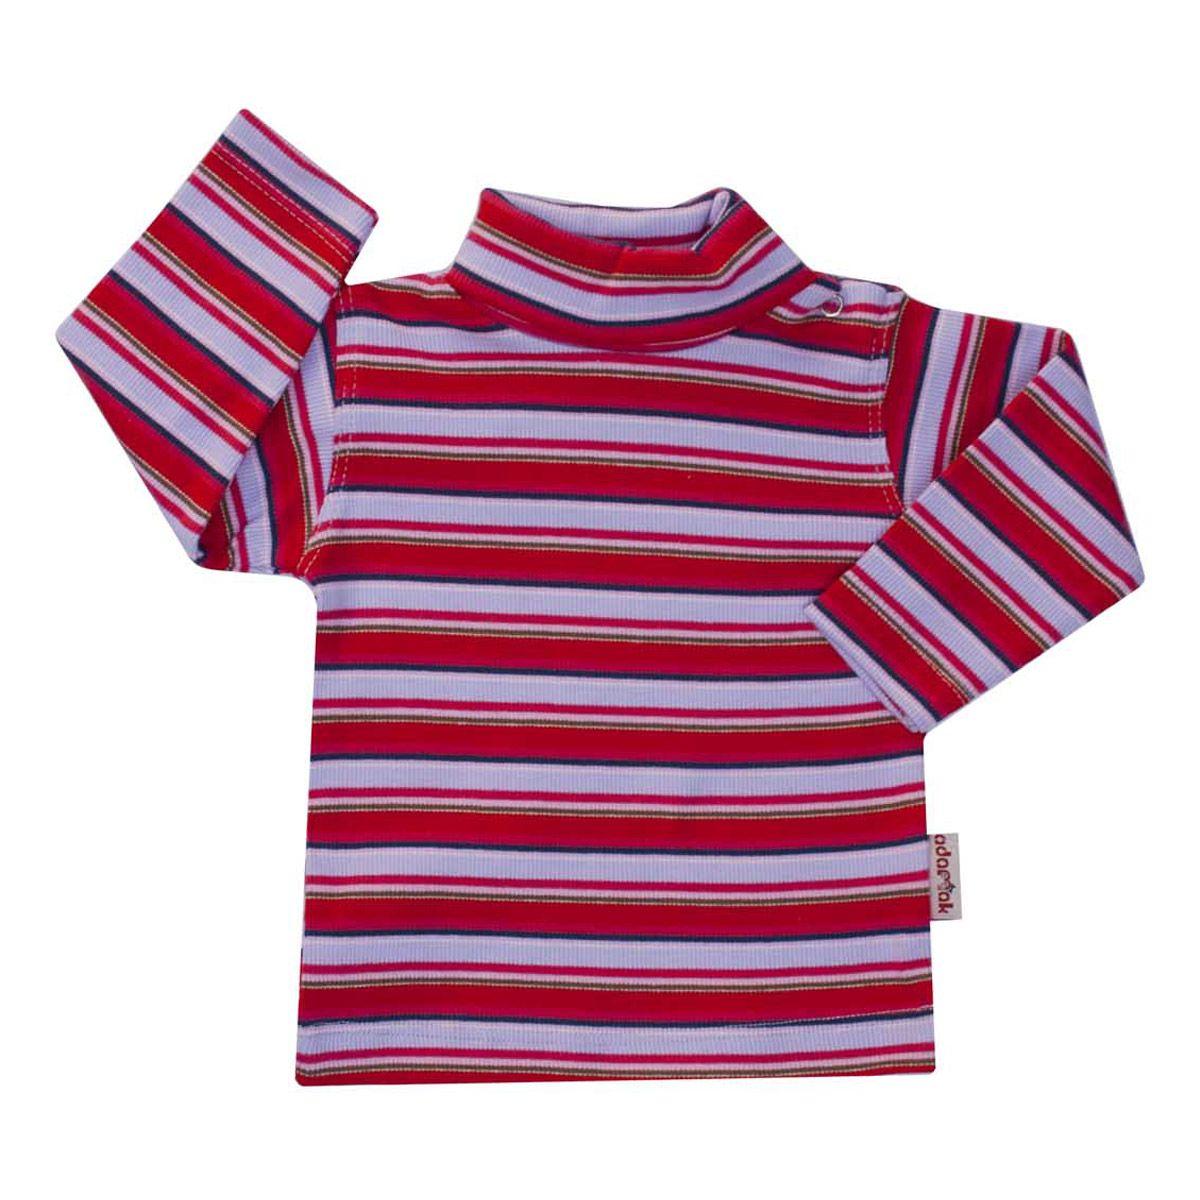 تی شرت آدمک طرح راه راه کد 1-1444011 -  - 3